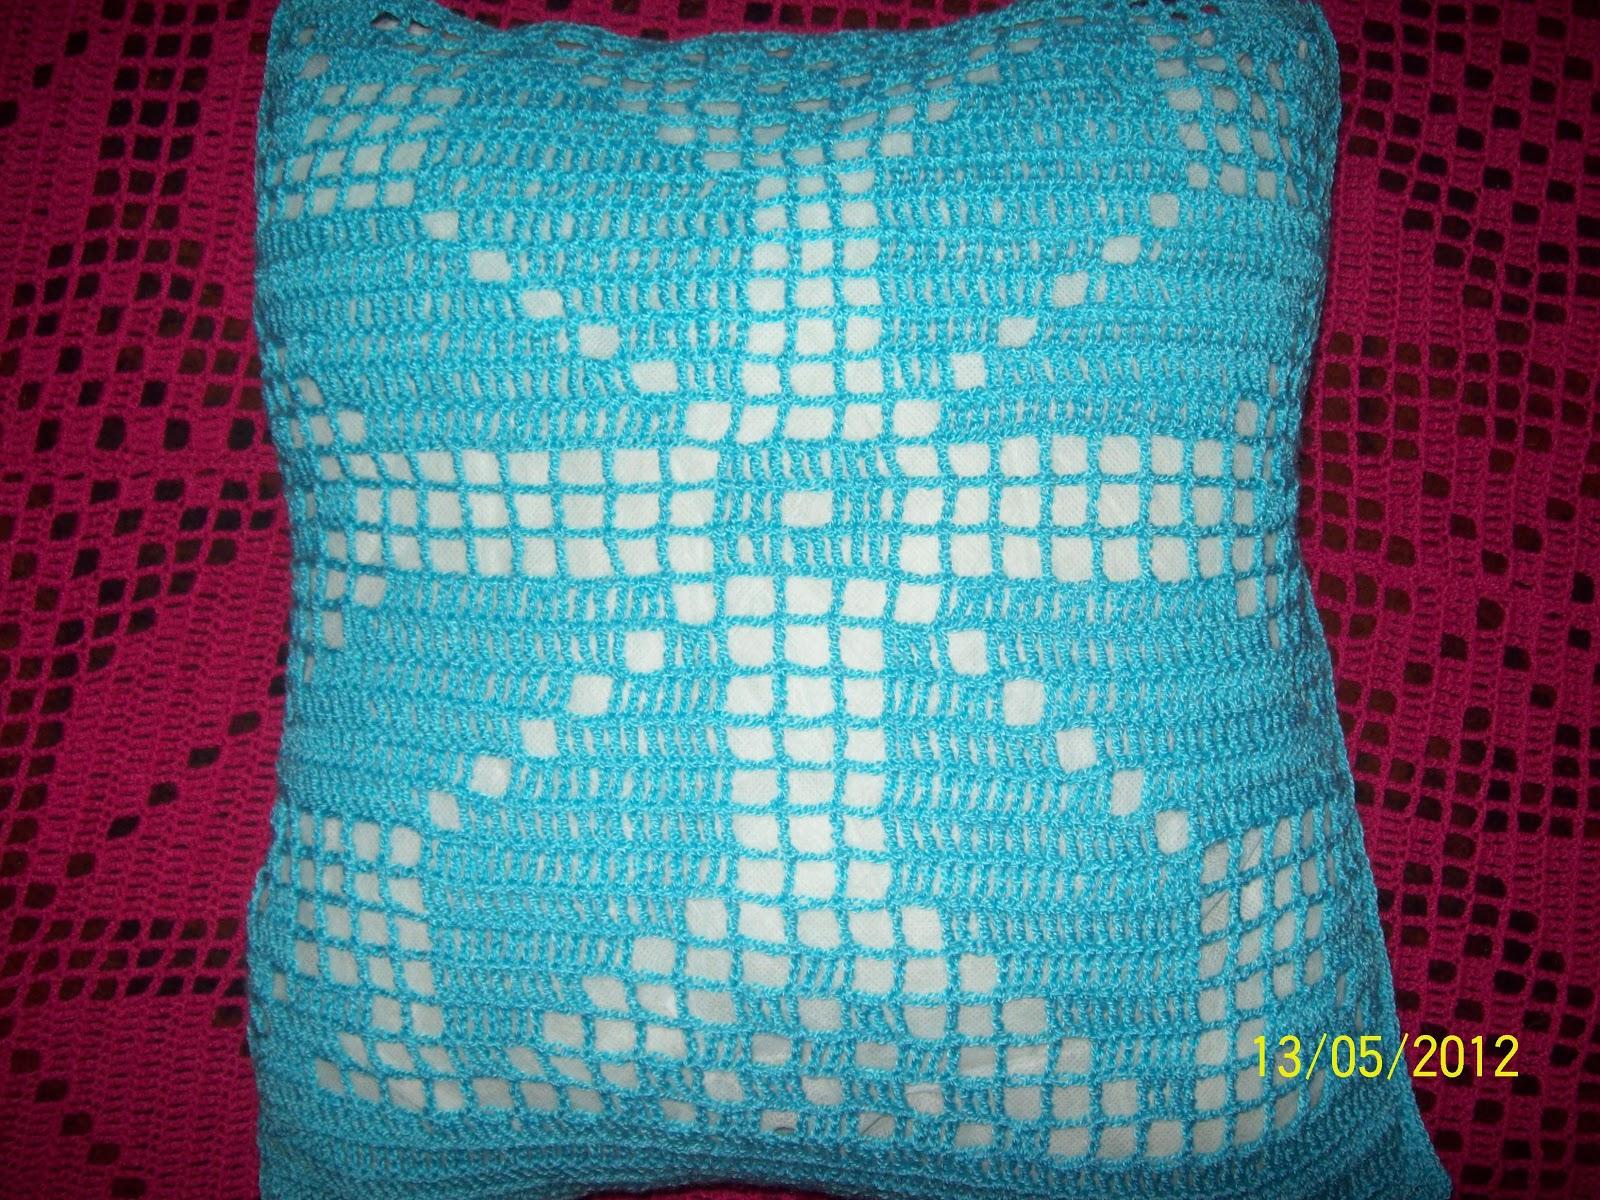 Curso de tejido a mano: Almohadón de hilo en crochet